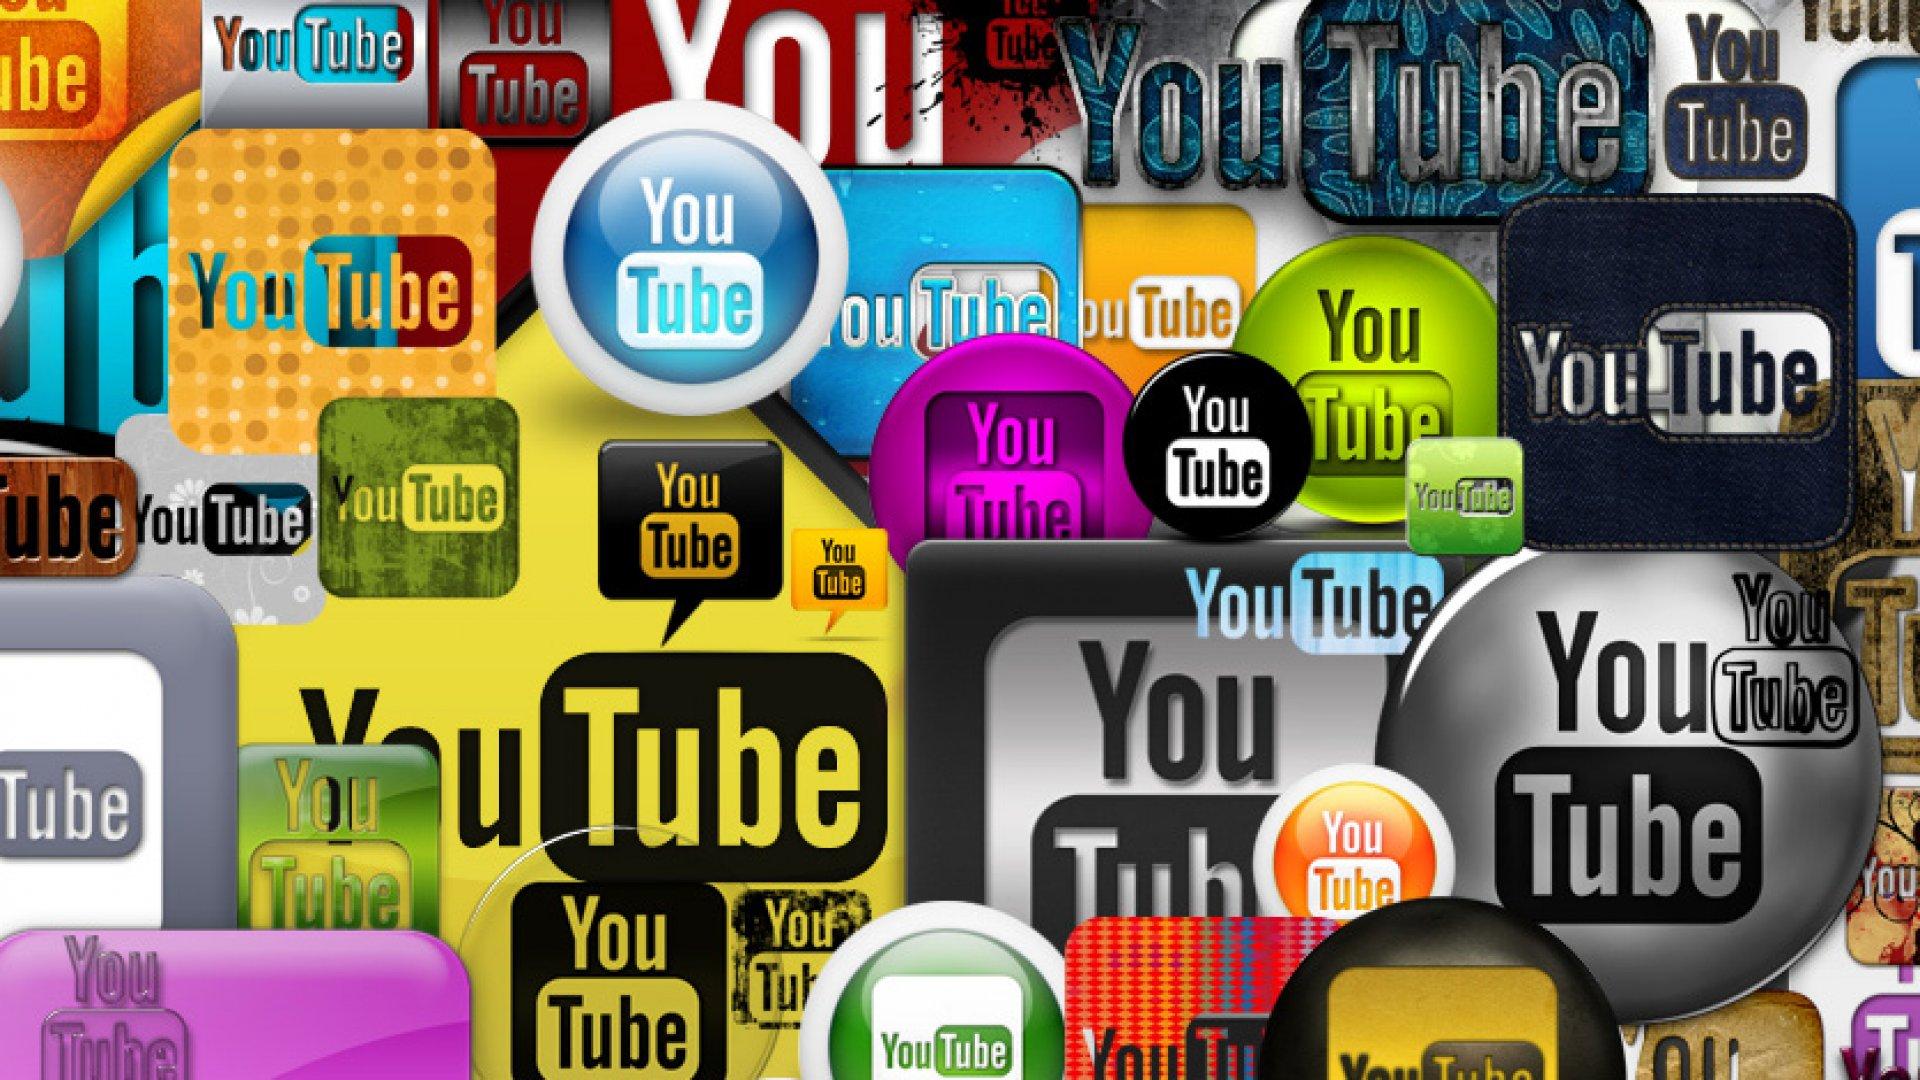 7 Secrets of YouTube Marketing